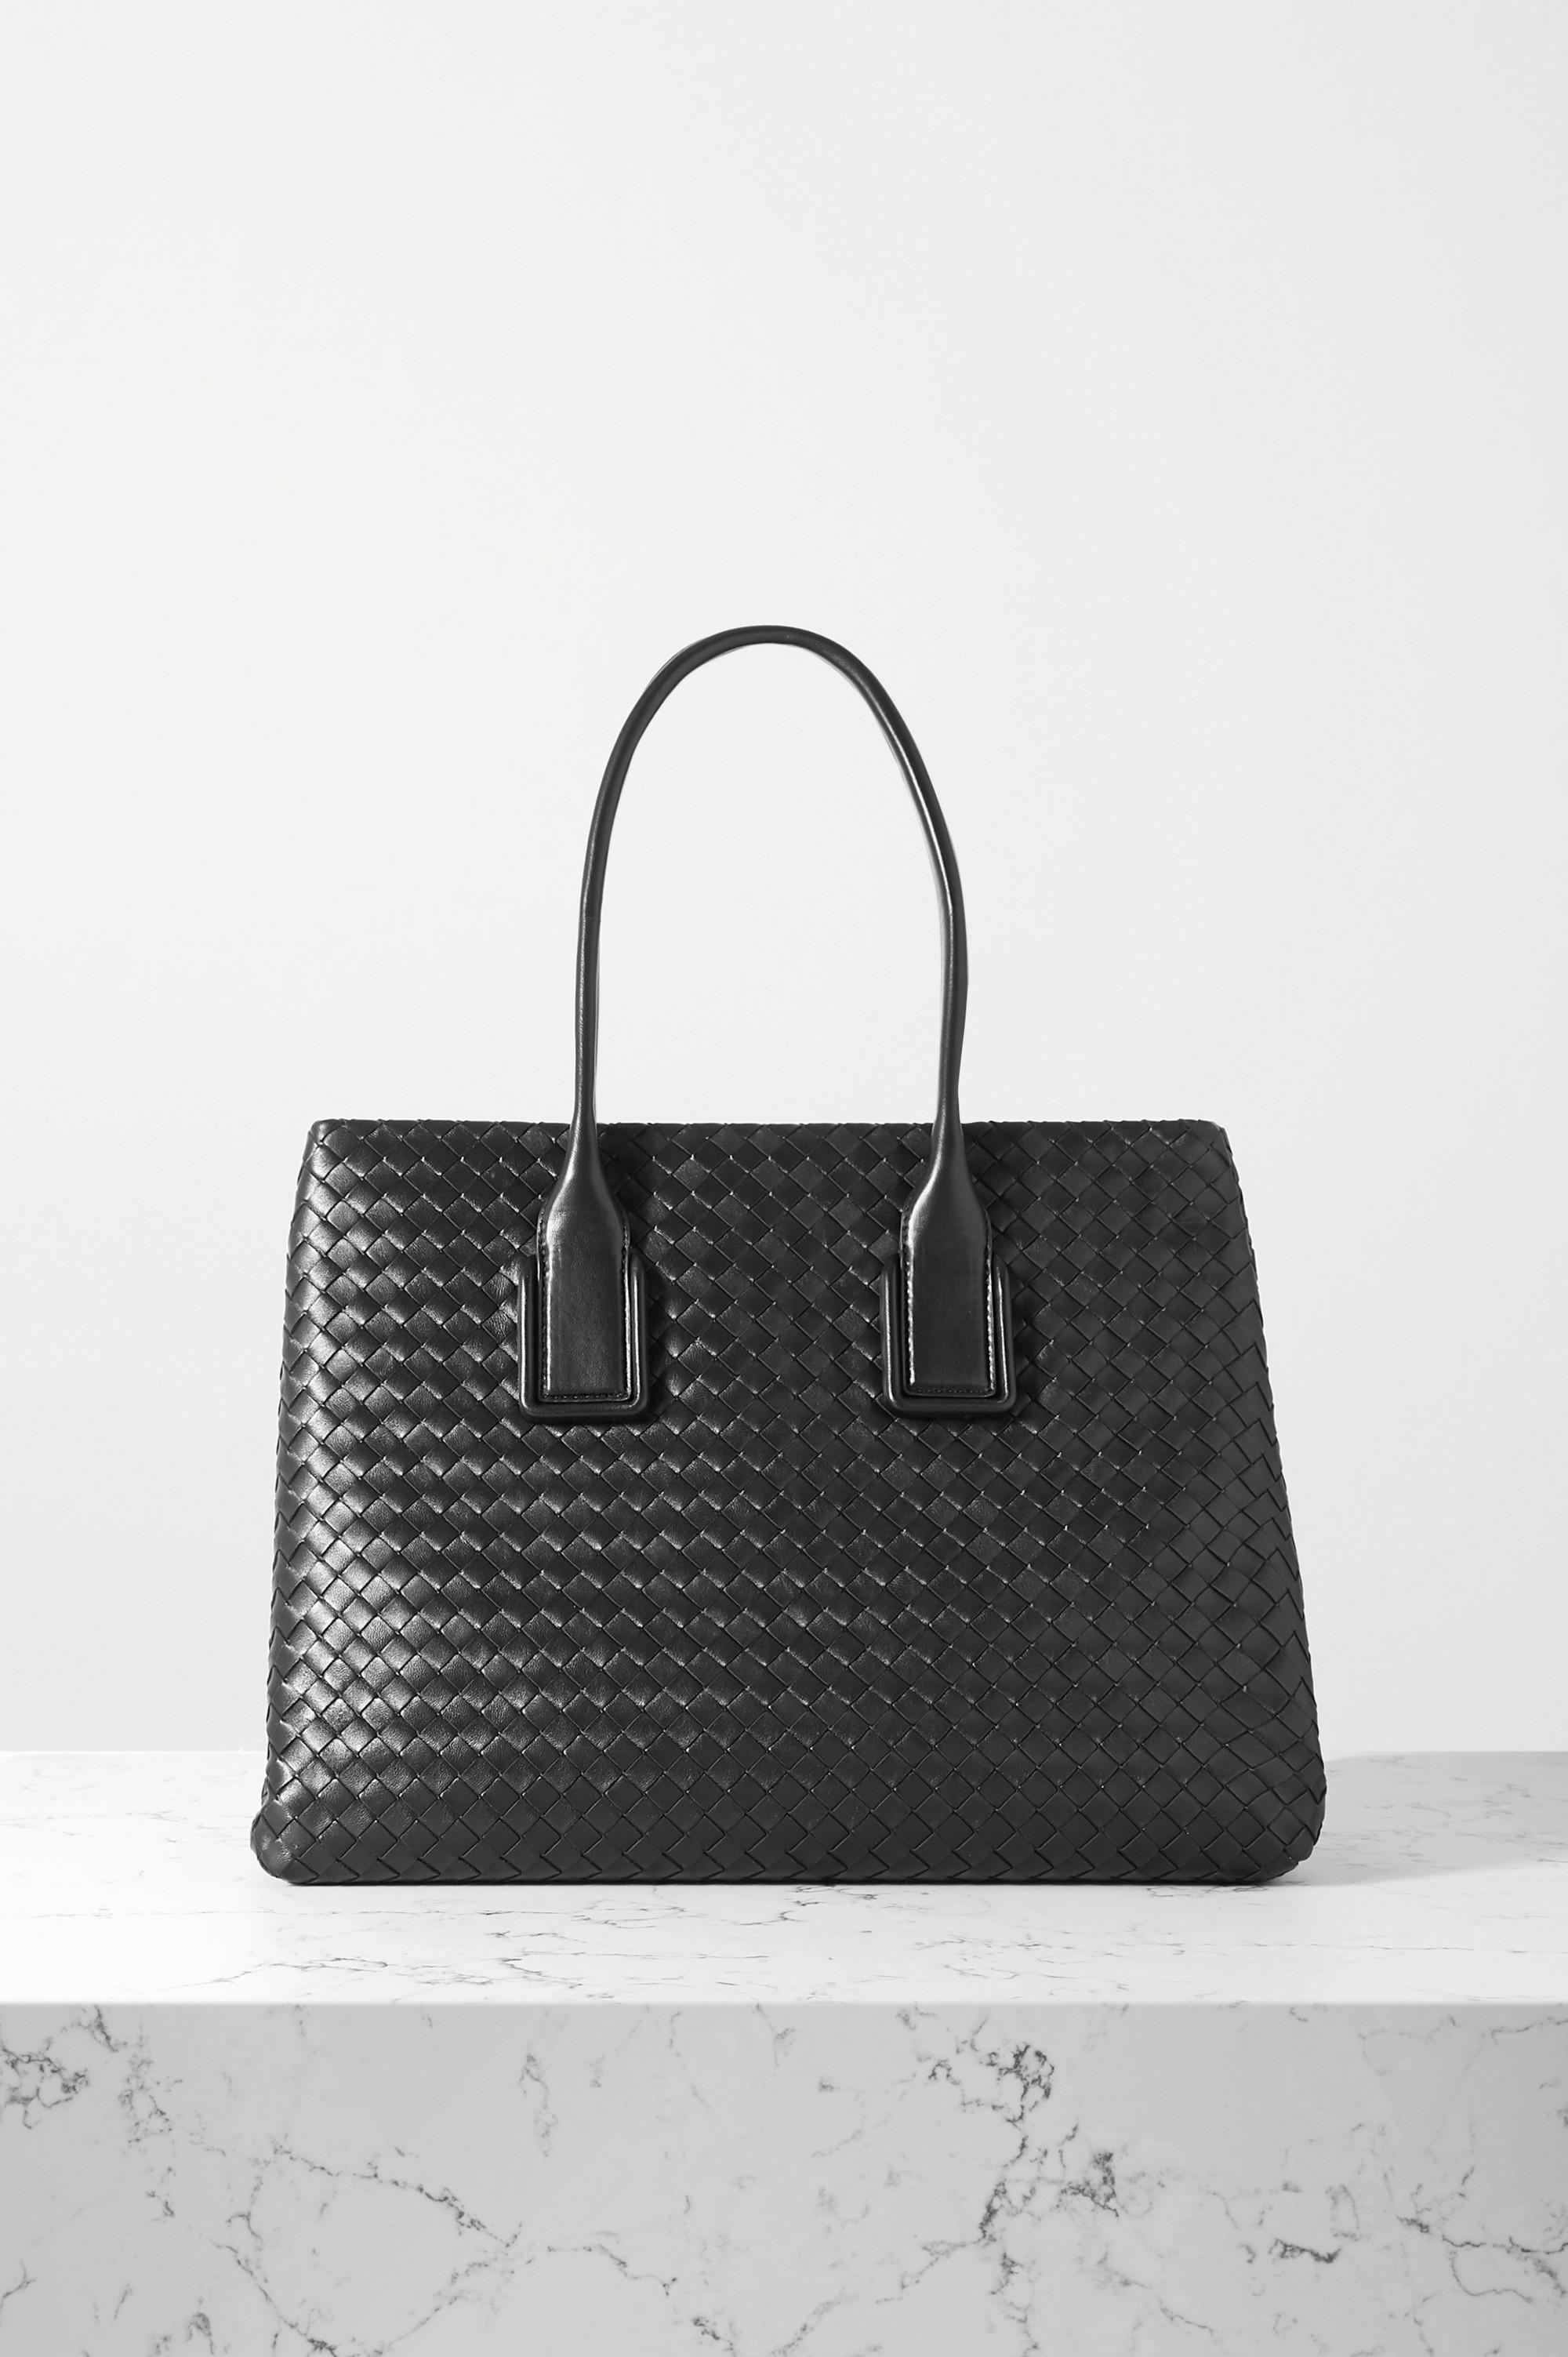 Bottega Veneta Small intrecciato leather tote